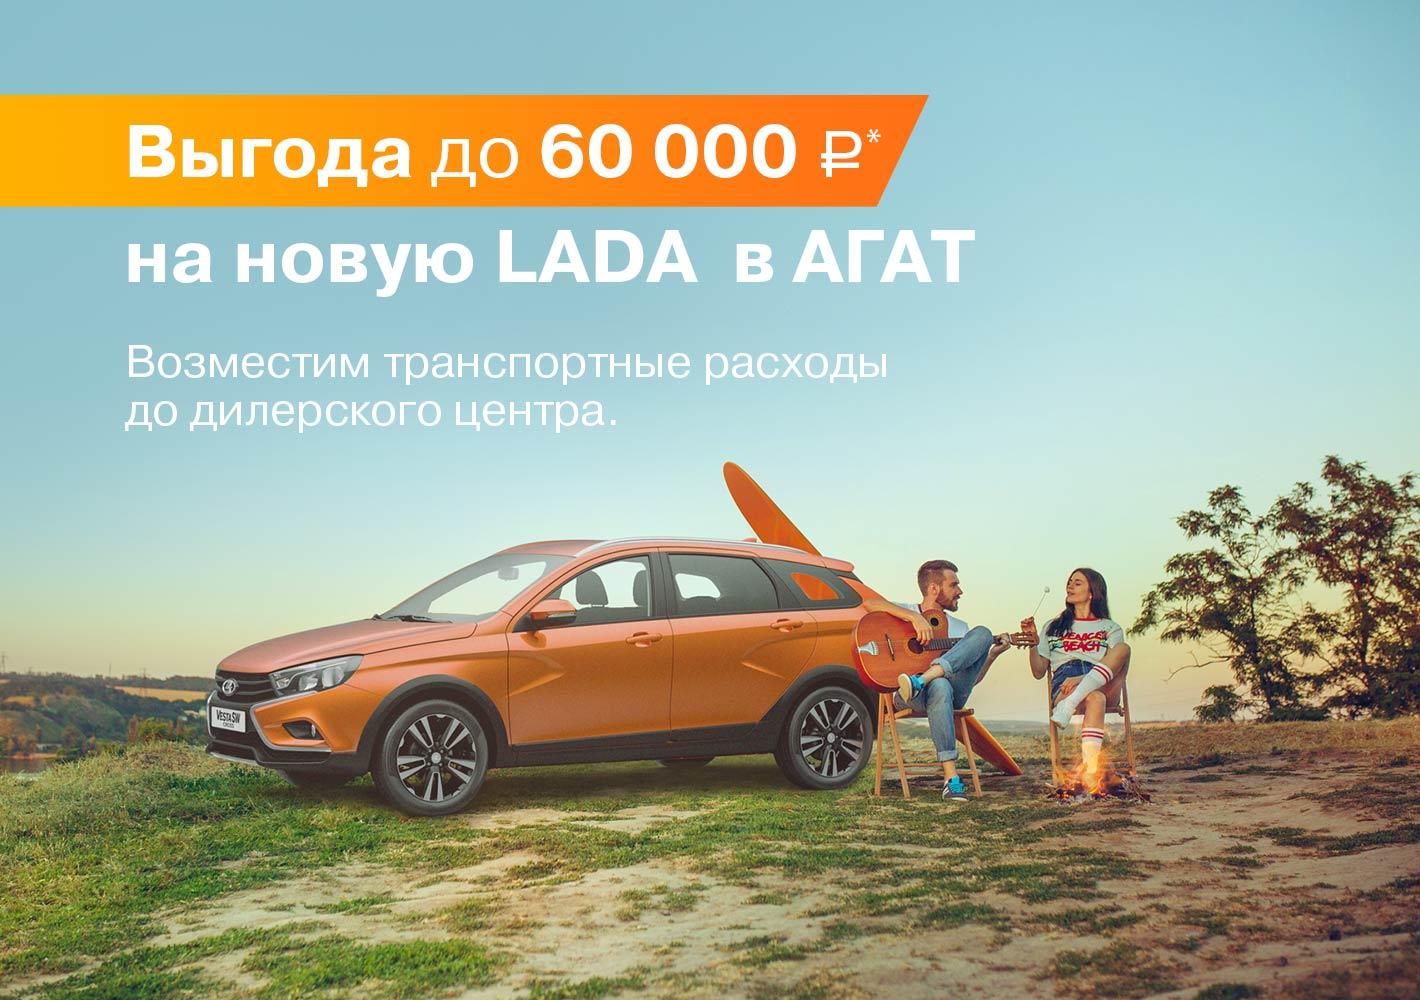 Выгода на LADA  до 60 000 рублей!